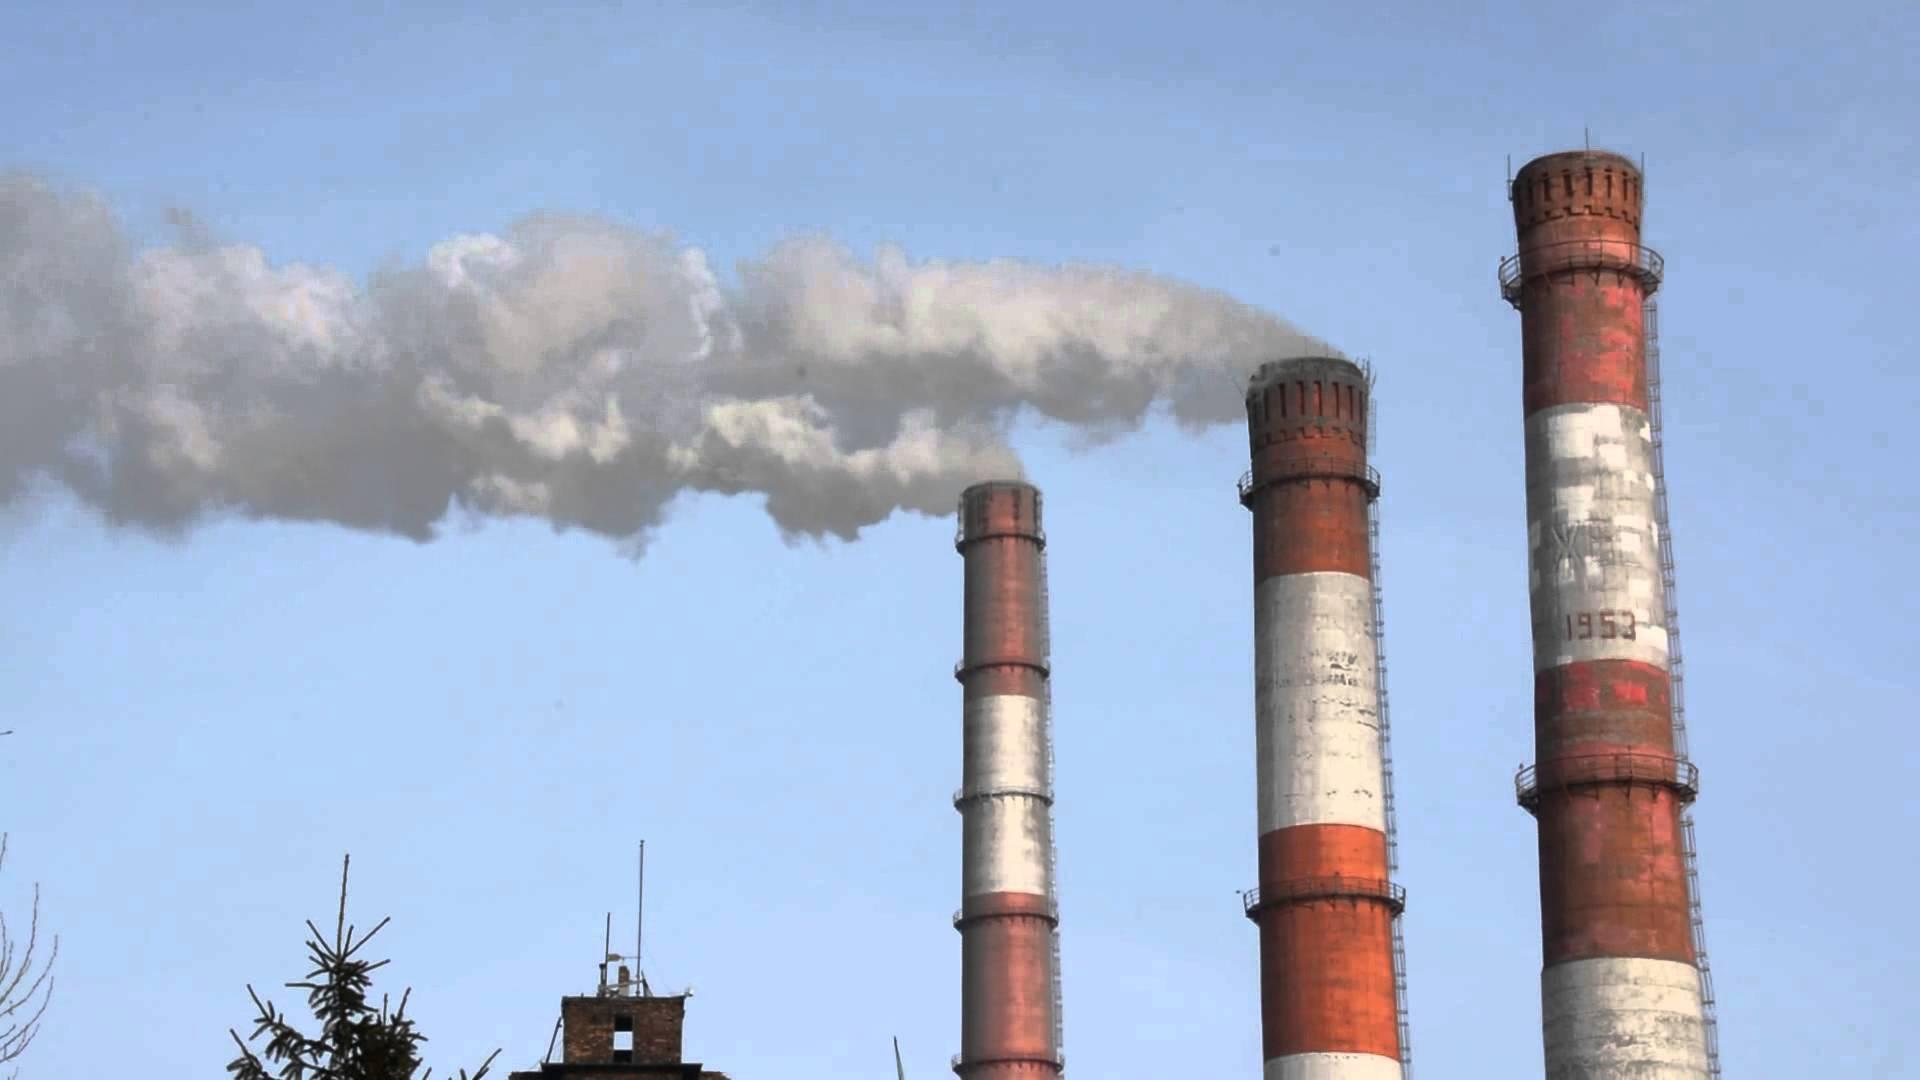 Получение разрешения на выбросы загрязняющих веществ в атмосферу из стационарных источников